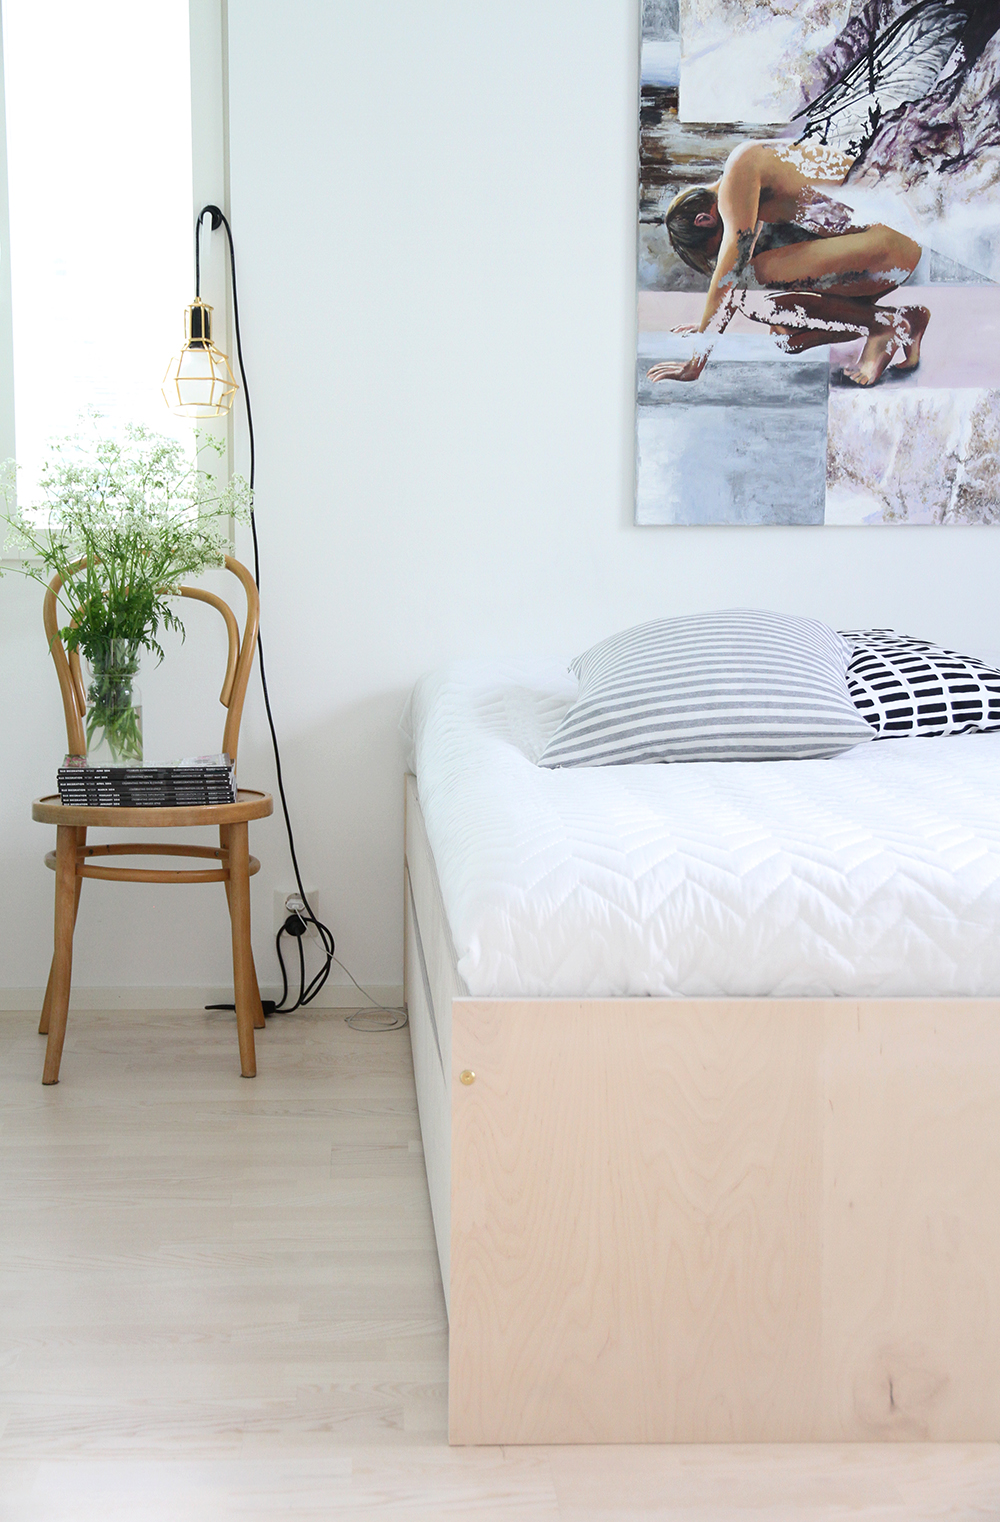 hunajaista makuuhuone bedroom avaroom vanerisanky work lamp